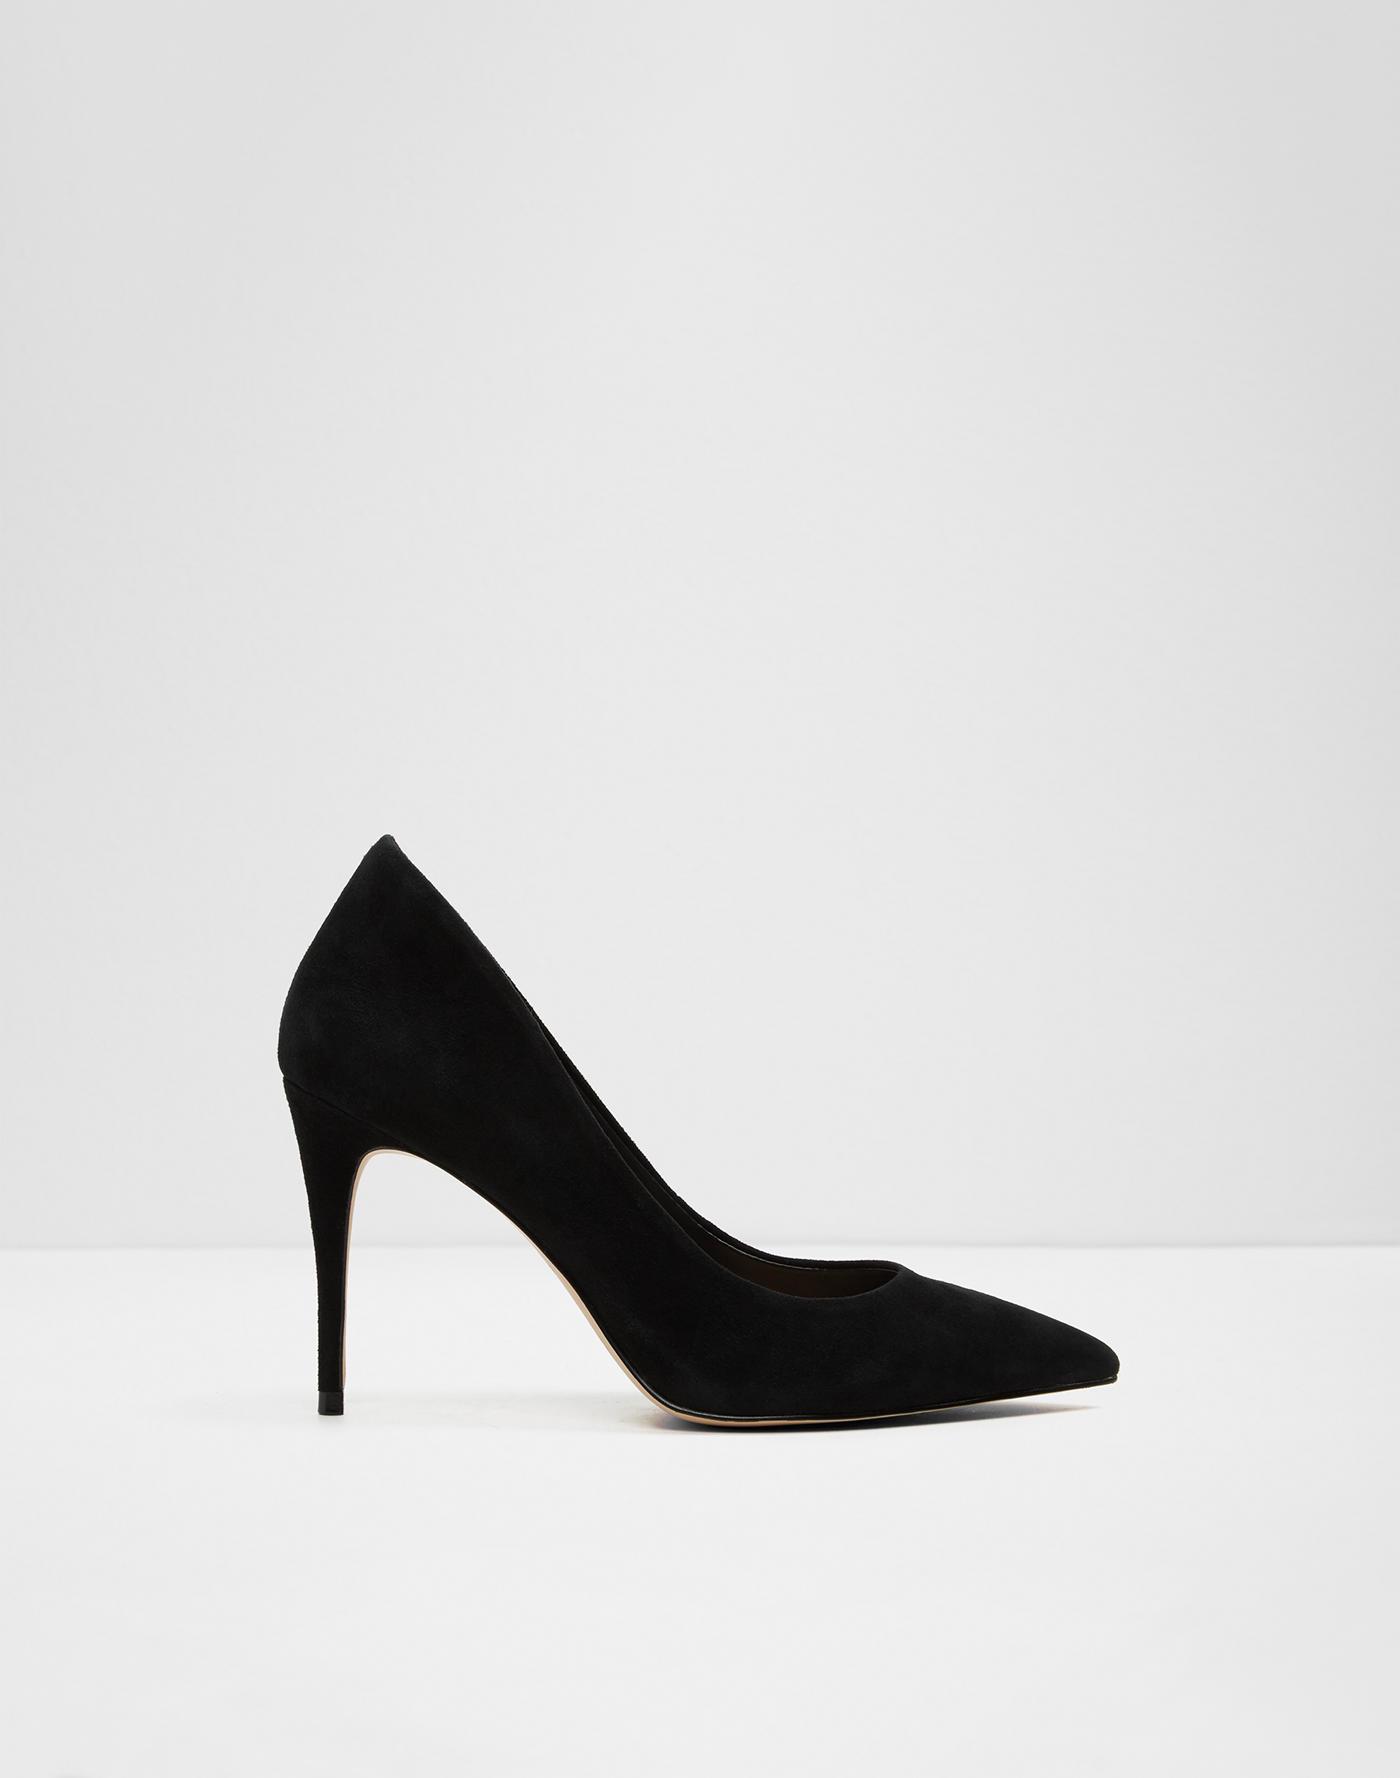 c818ed3010667 Heels